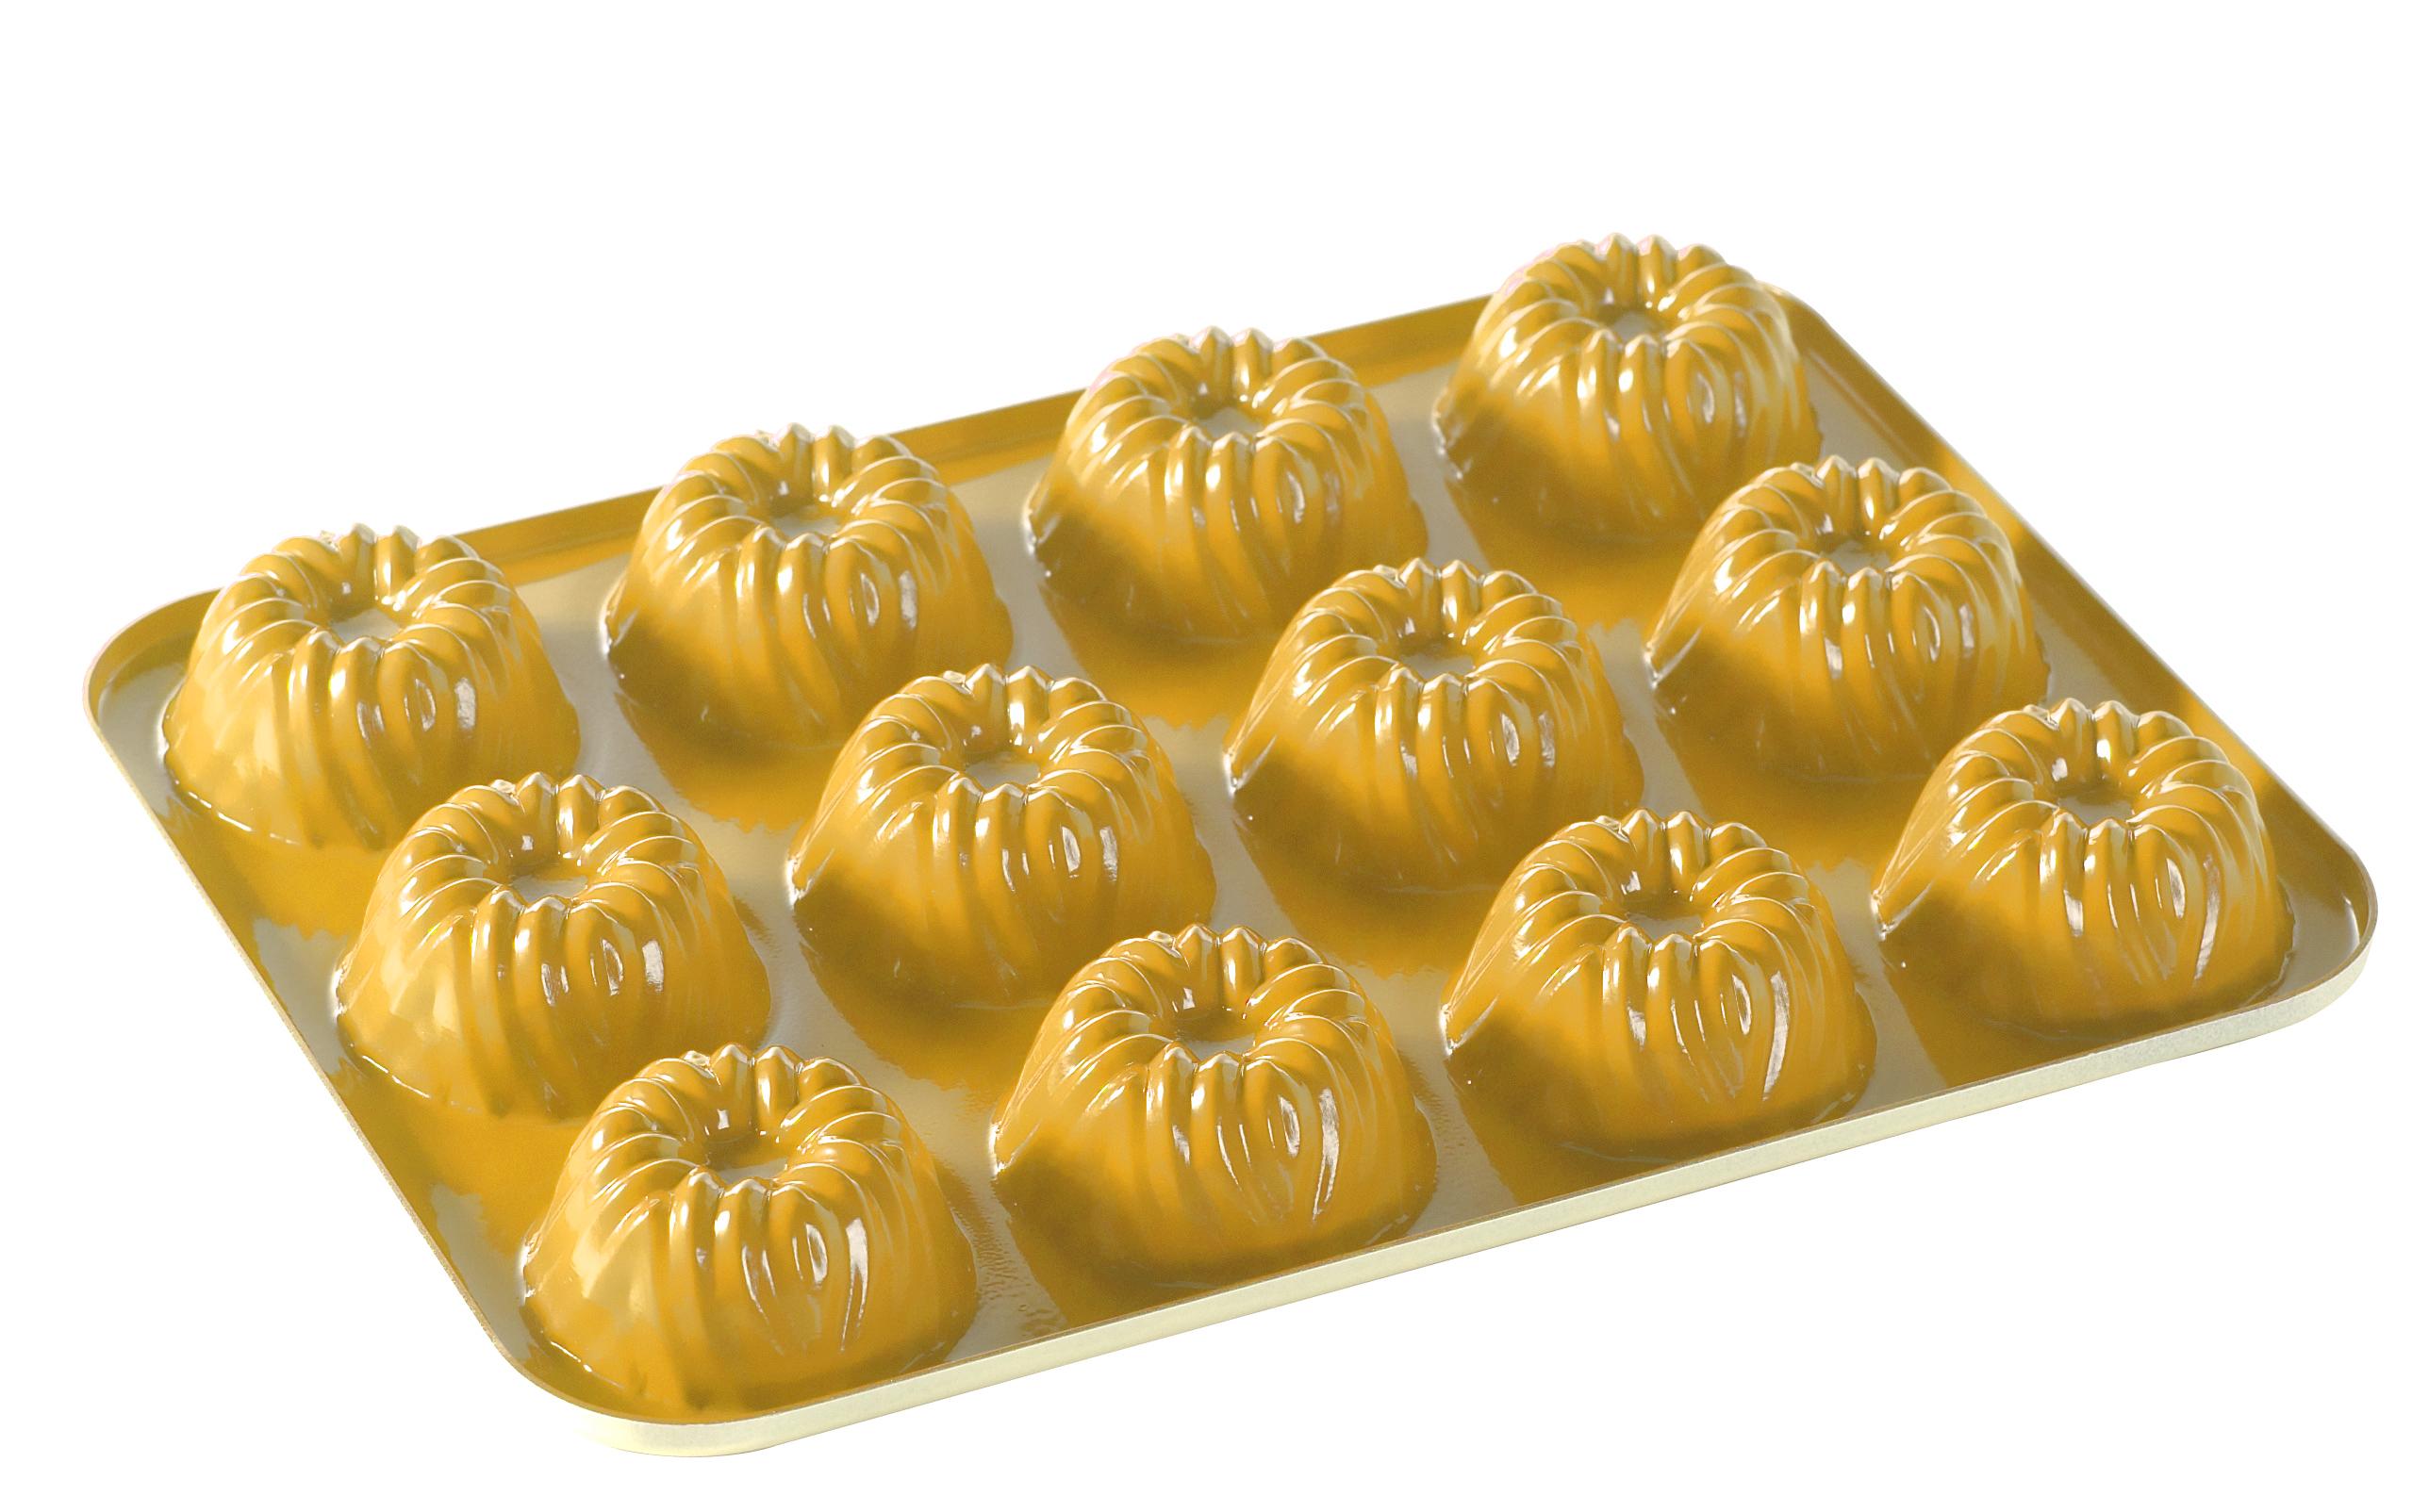 Nordic Ware Yellow Bavaria Bundt Cakelet Pan